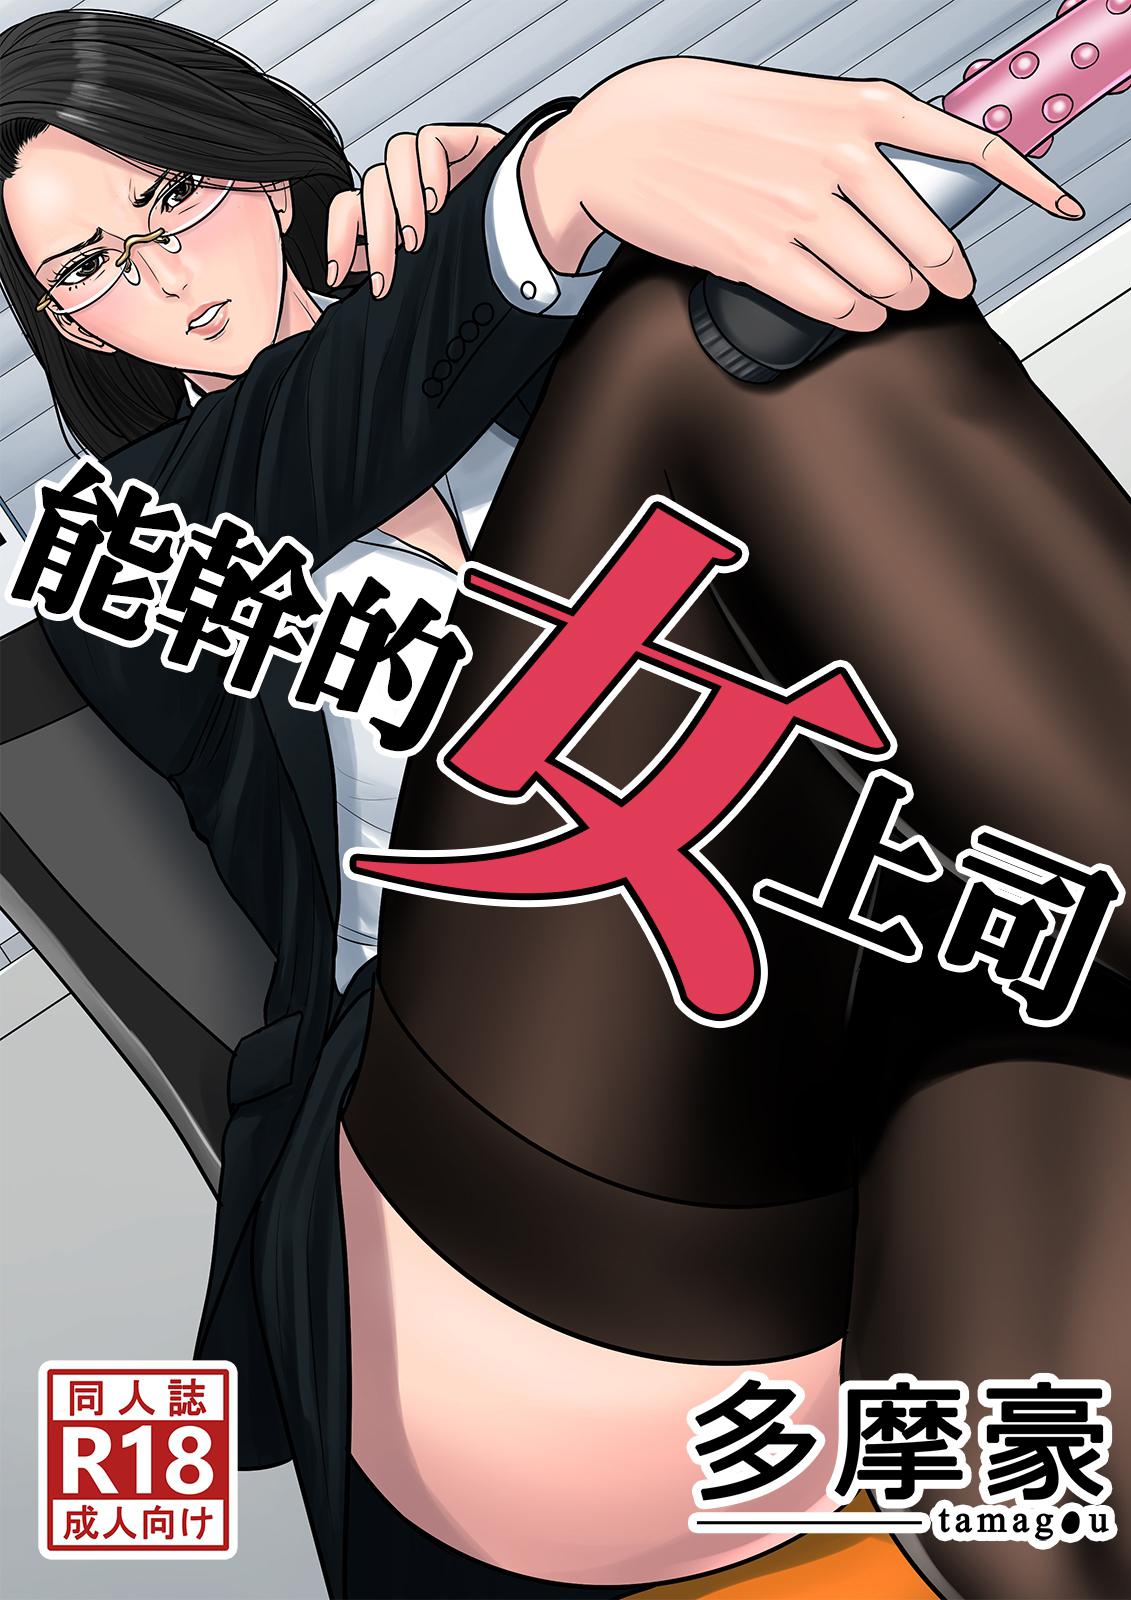 【本子作者推荐】多摩豪系列合集